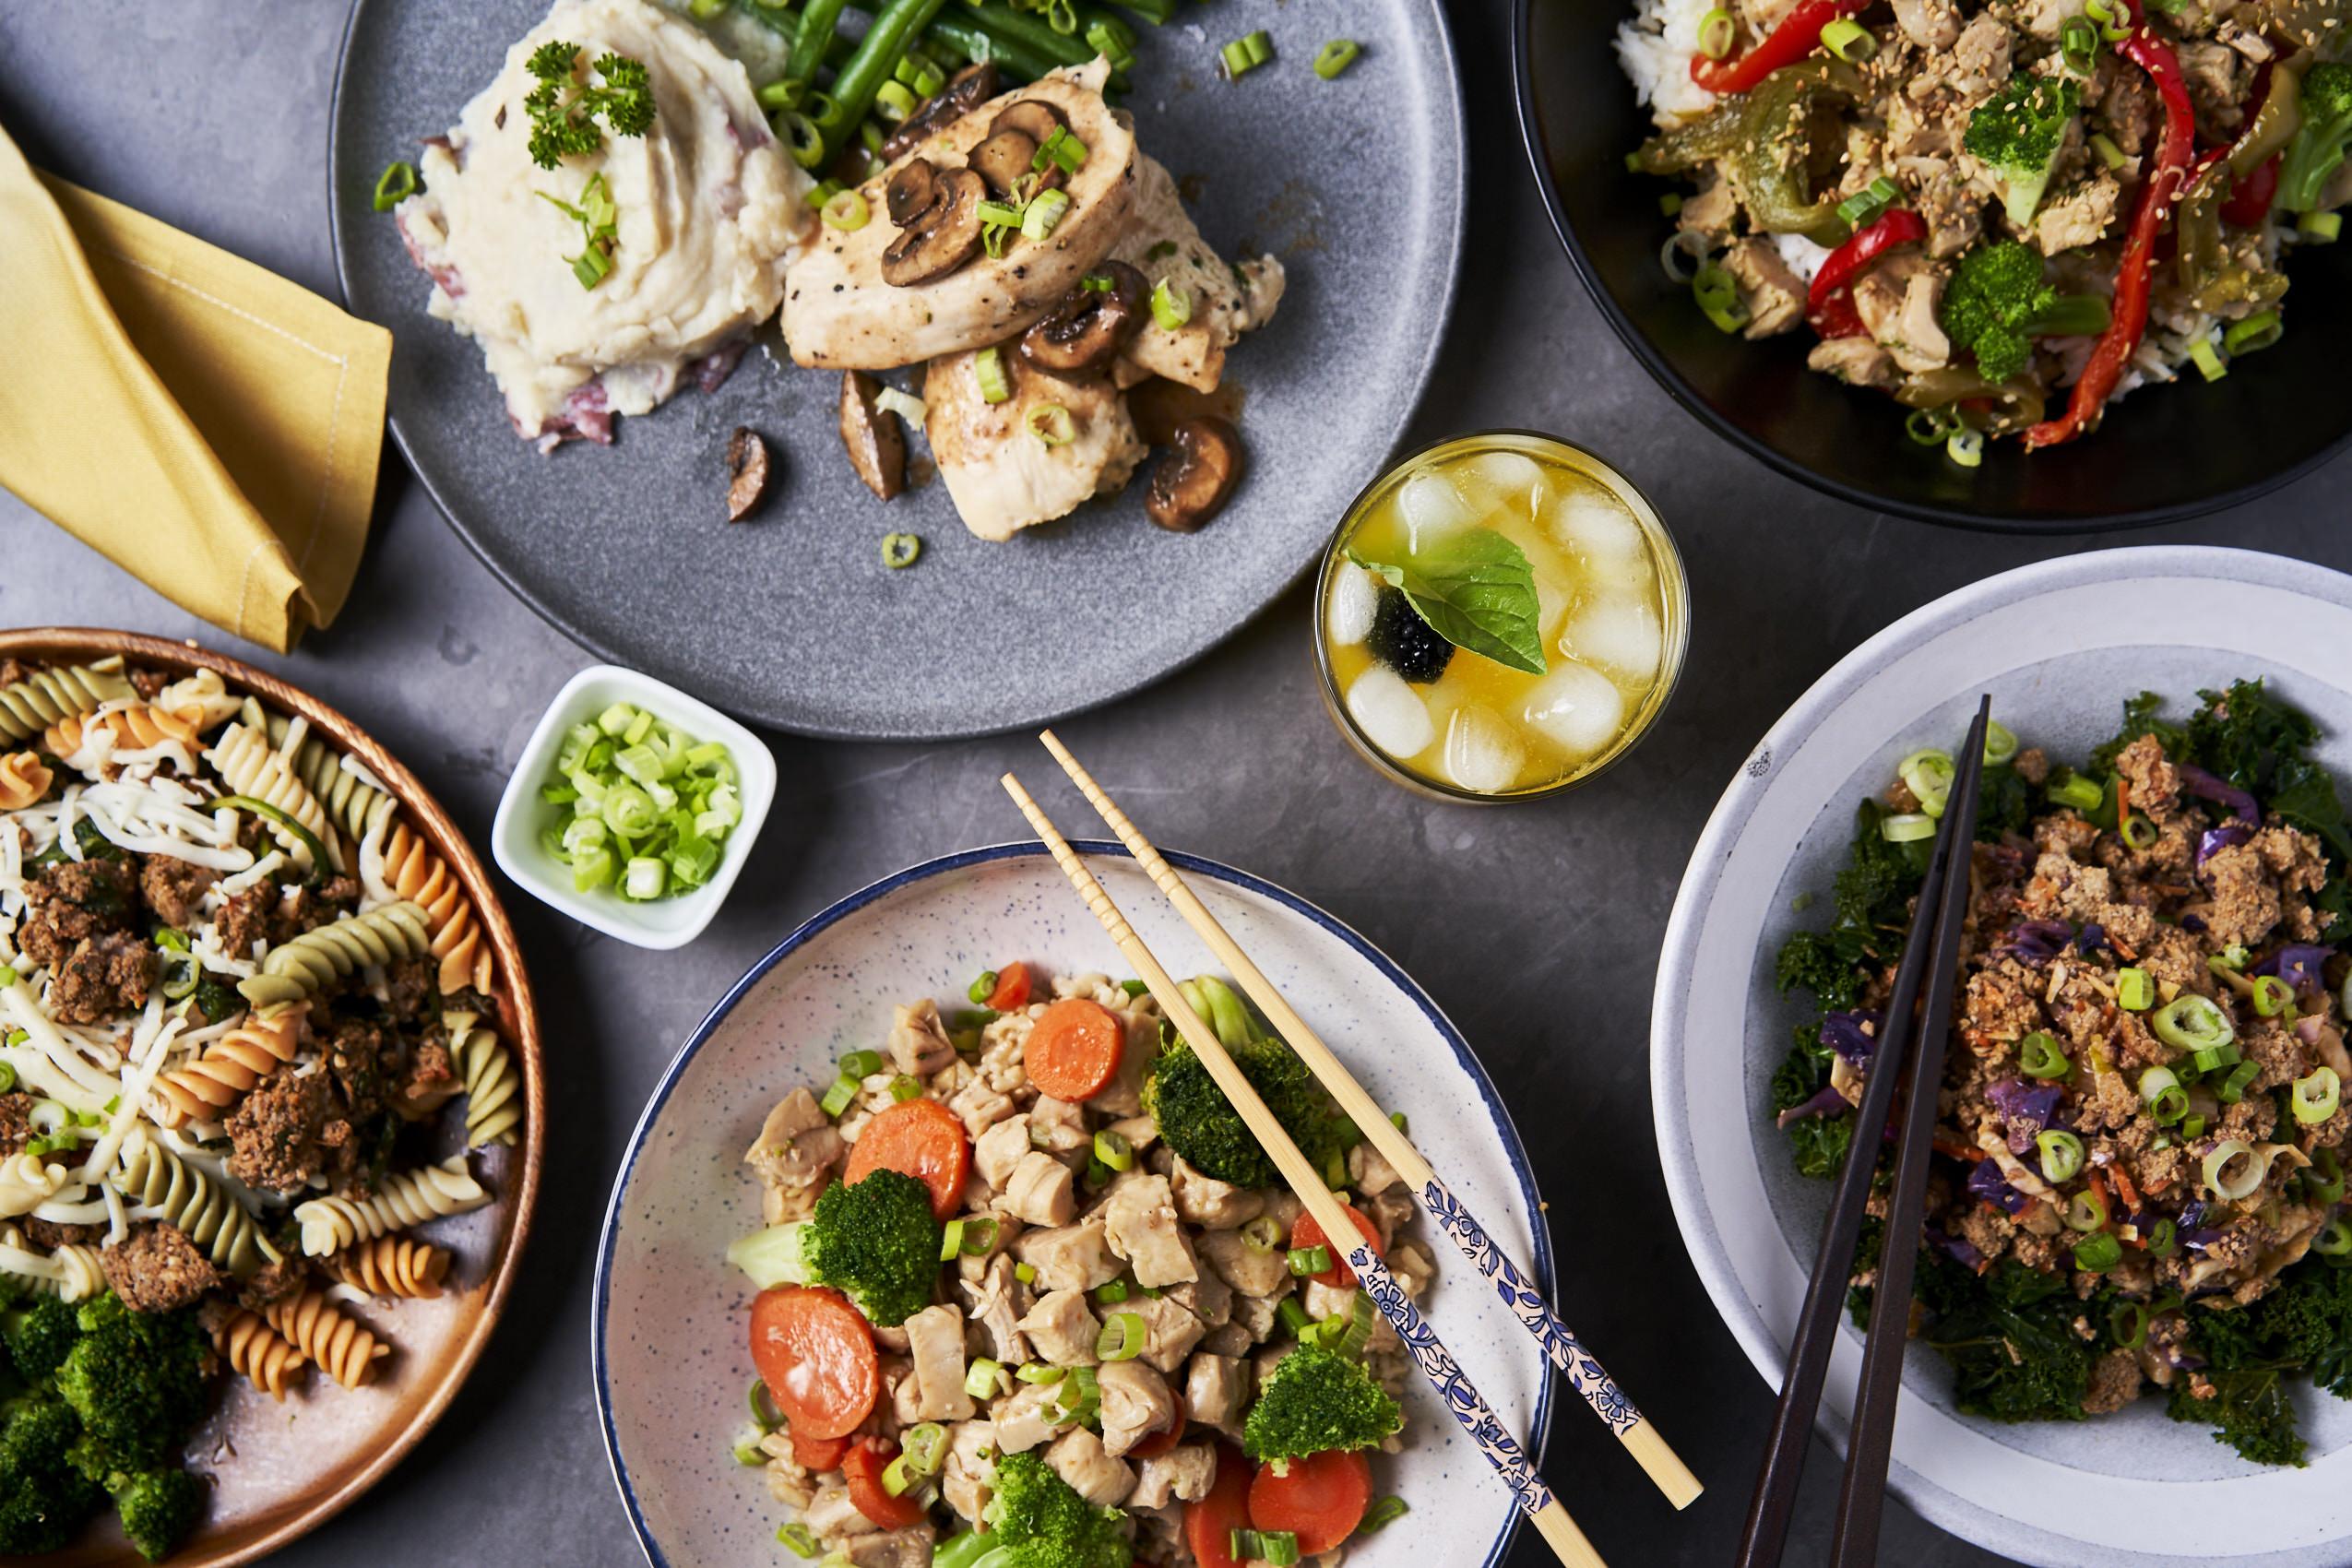 East Bay Meal Prep food display